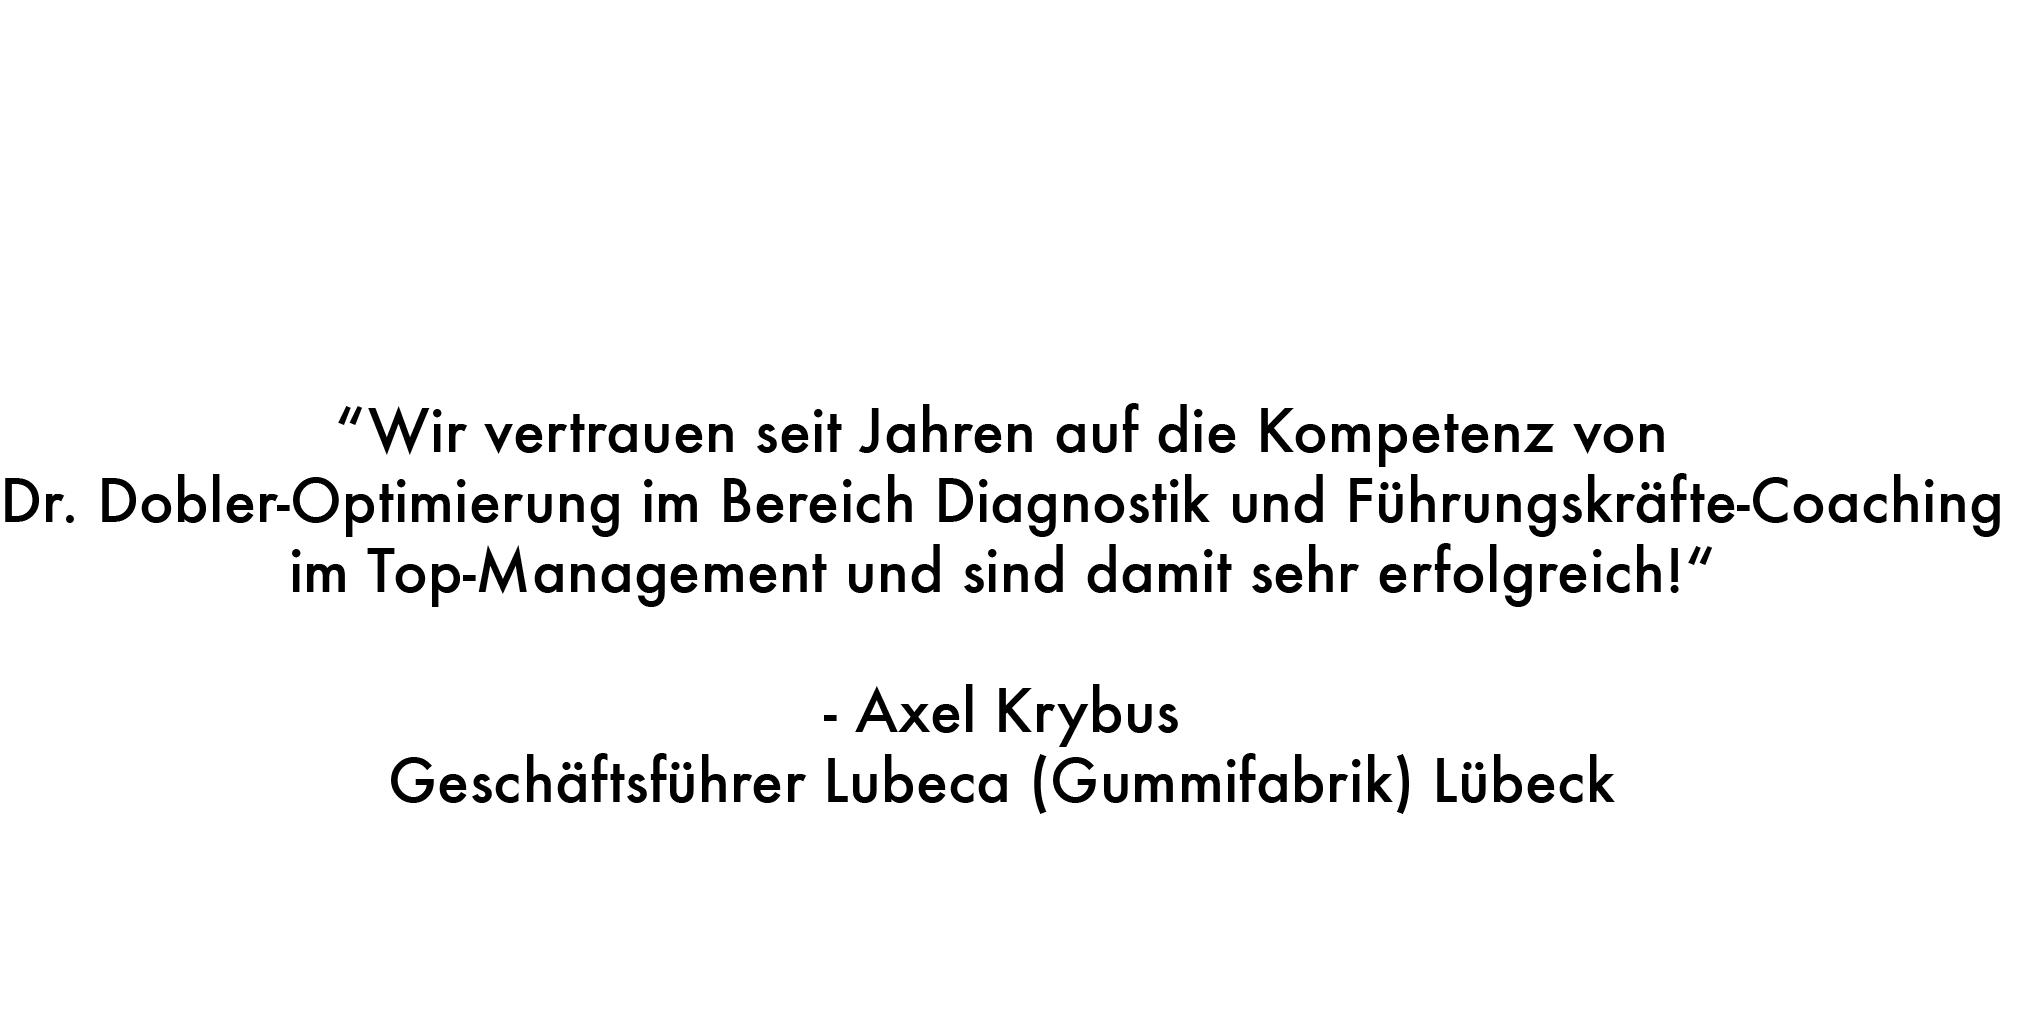 Webseite_Referenzen_AxelKrybus.png